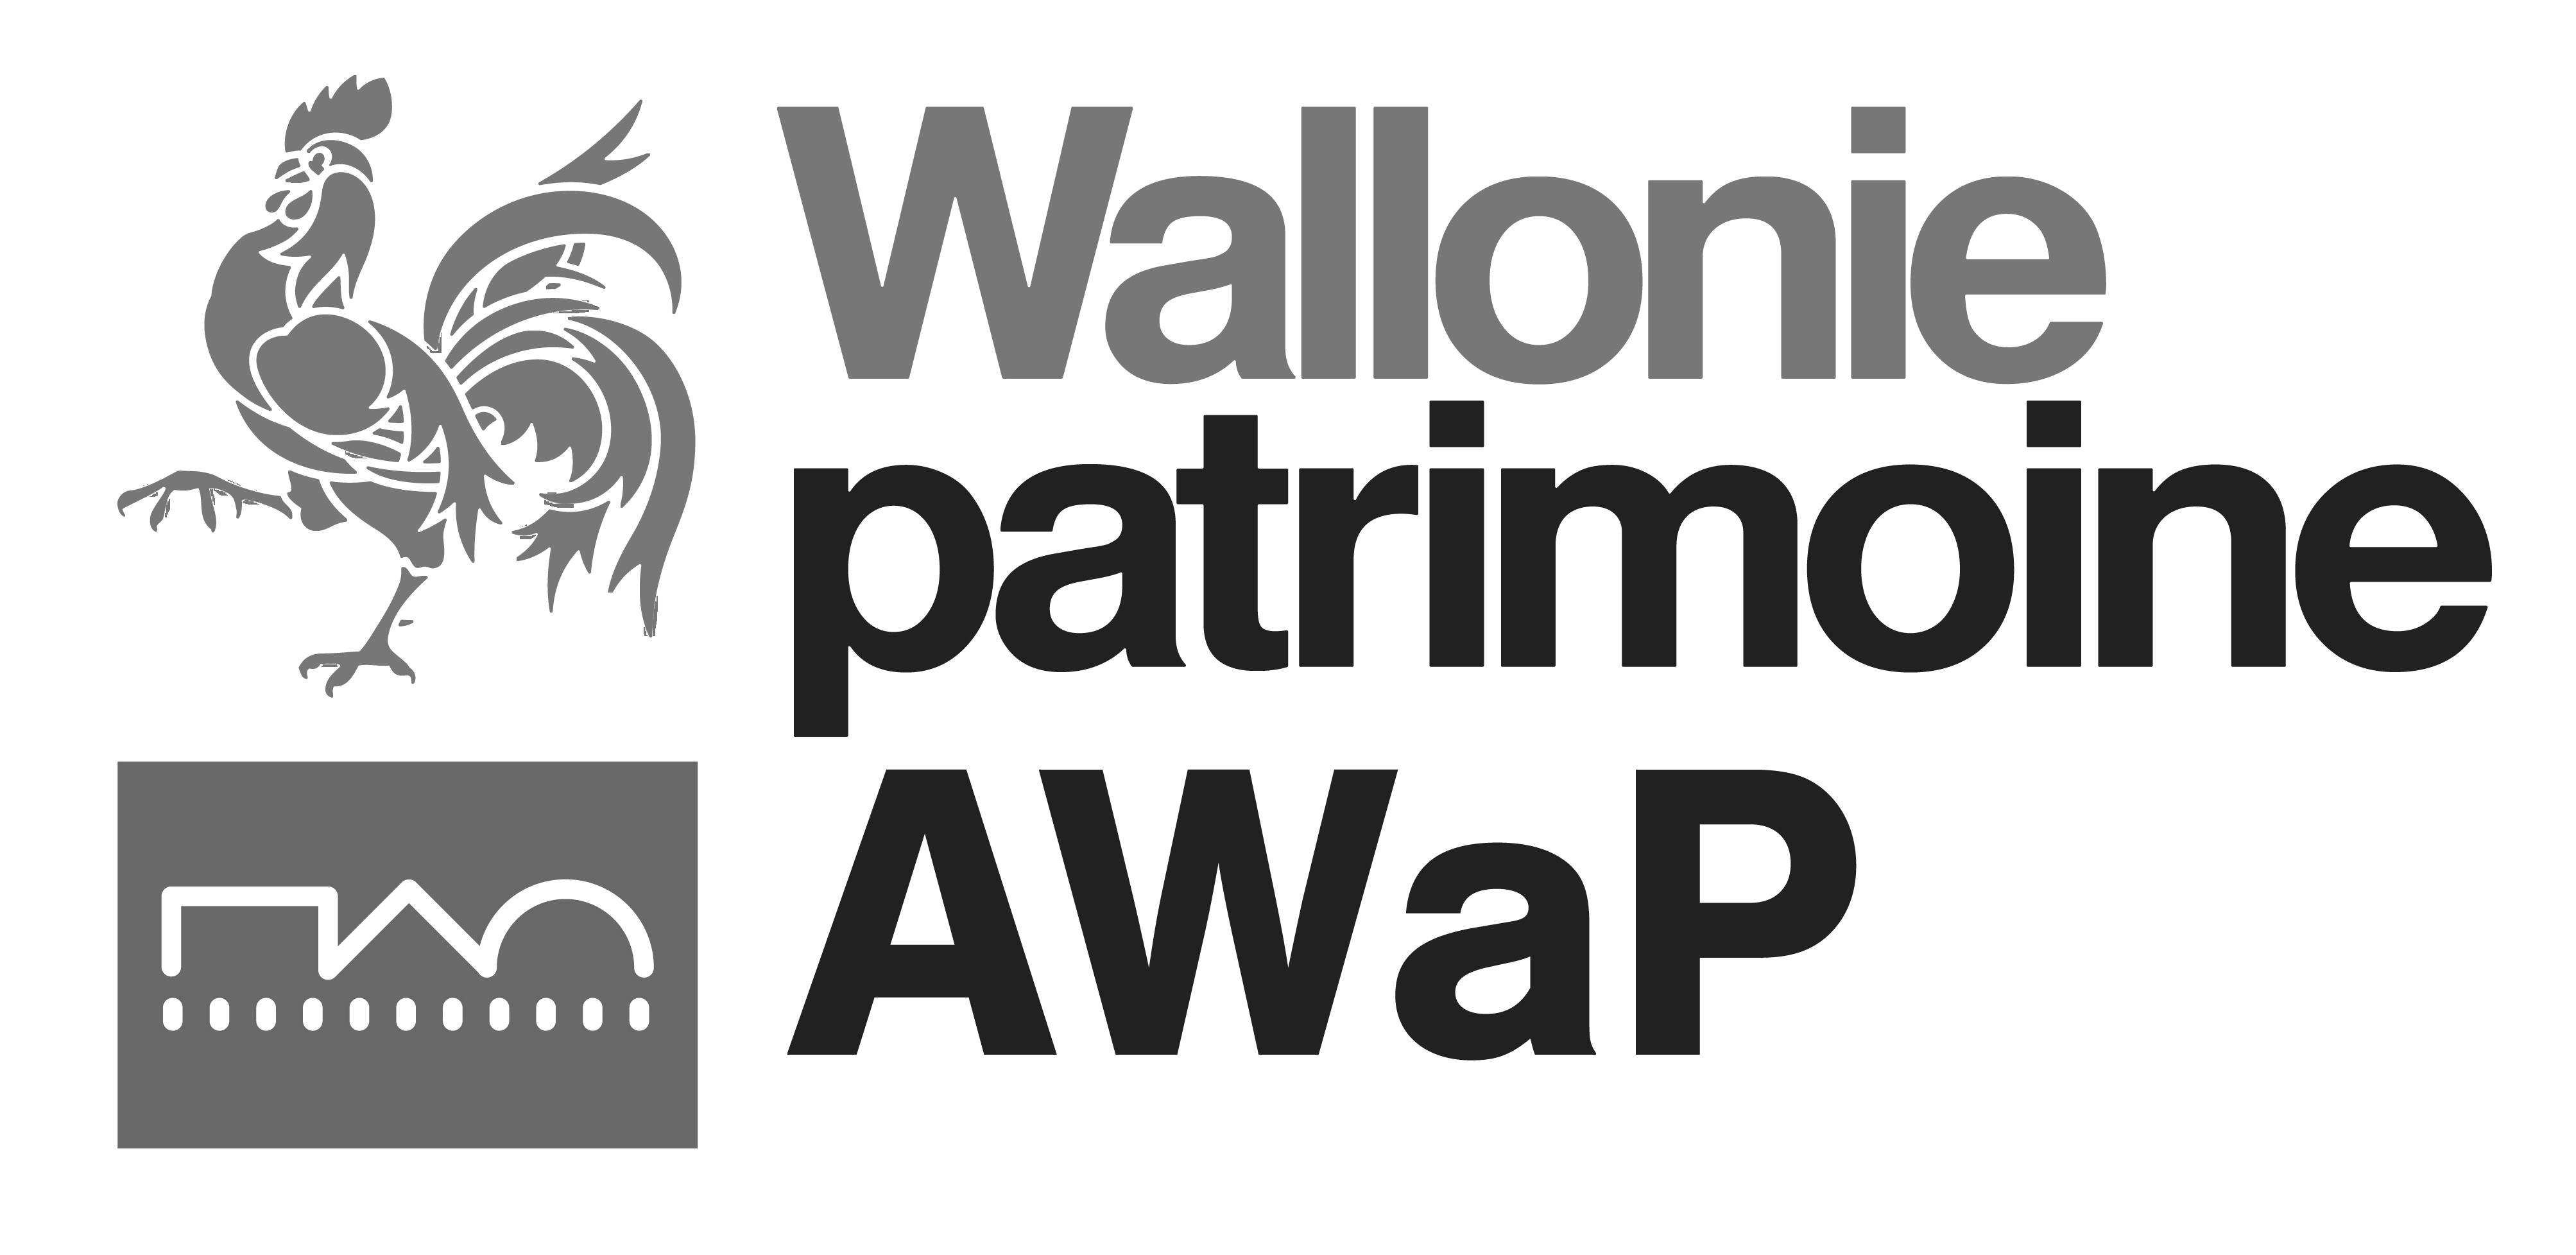 Wallonie Patrimoine